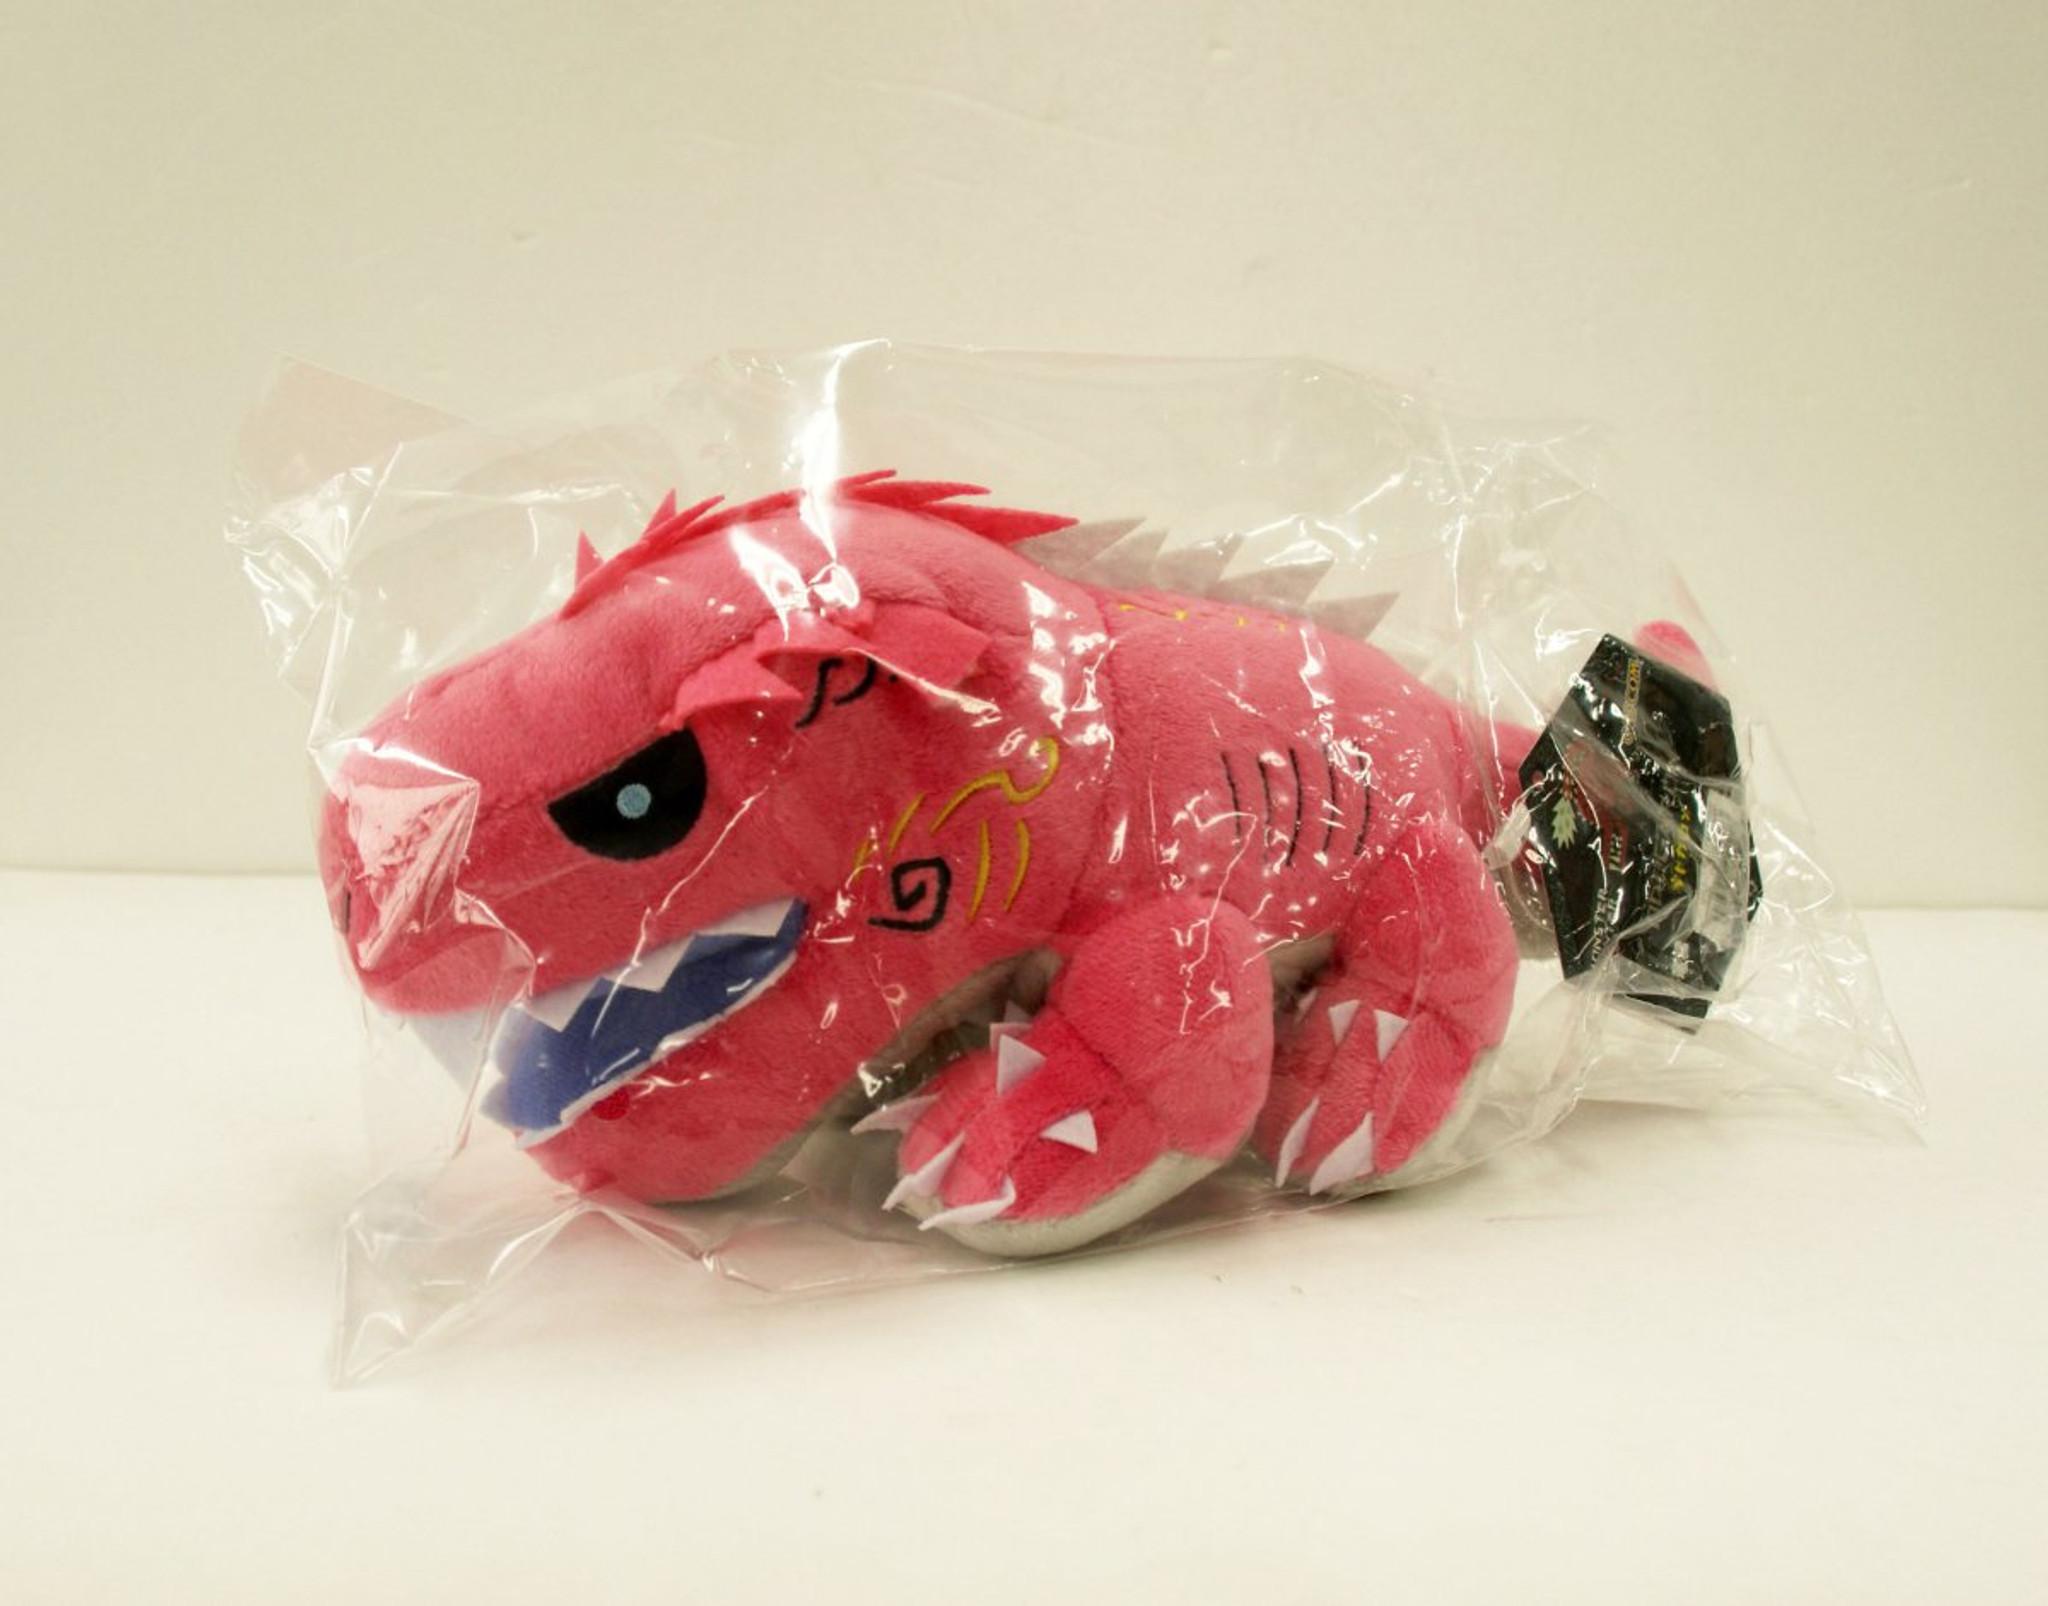 Capcom Monster Hunter World Odogaron Stuffed Plush Toy